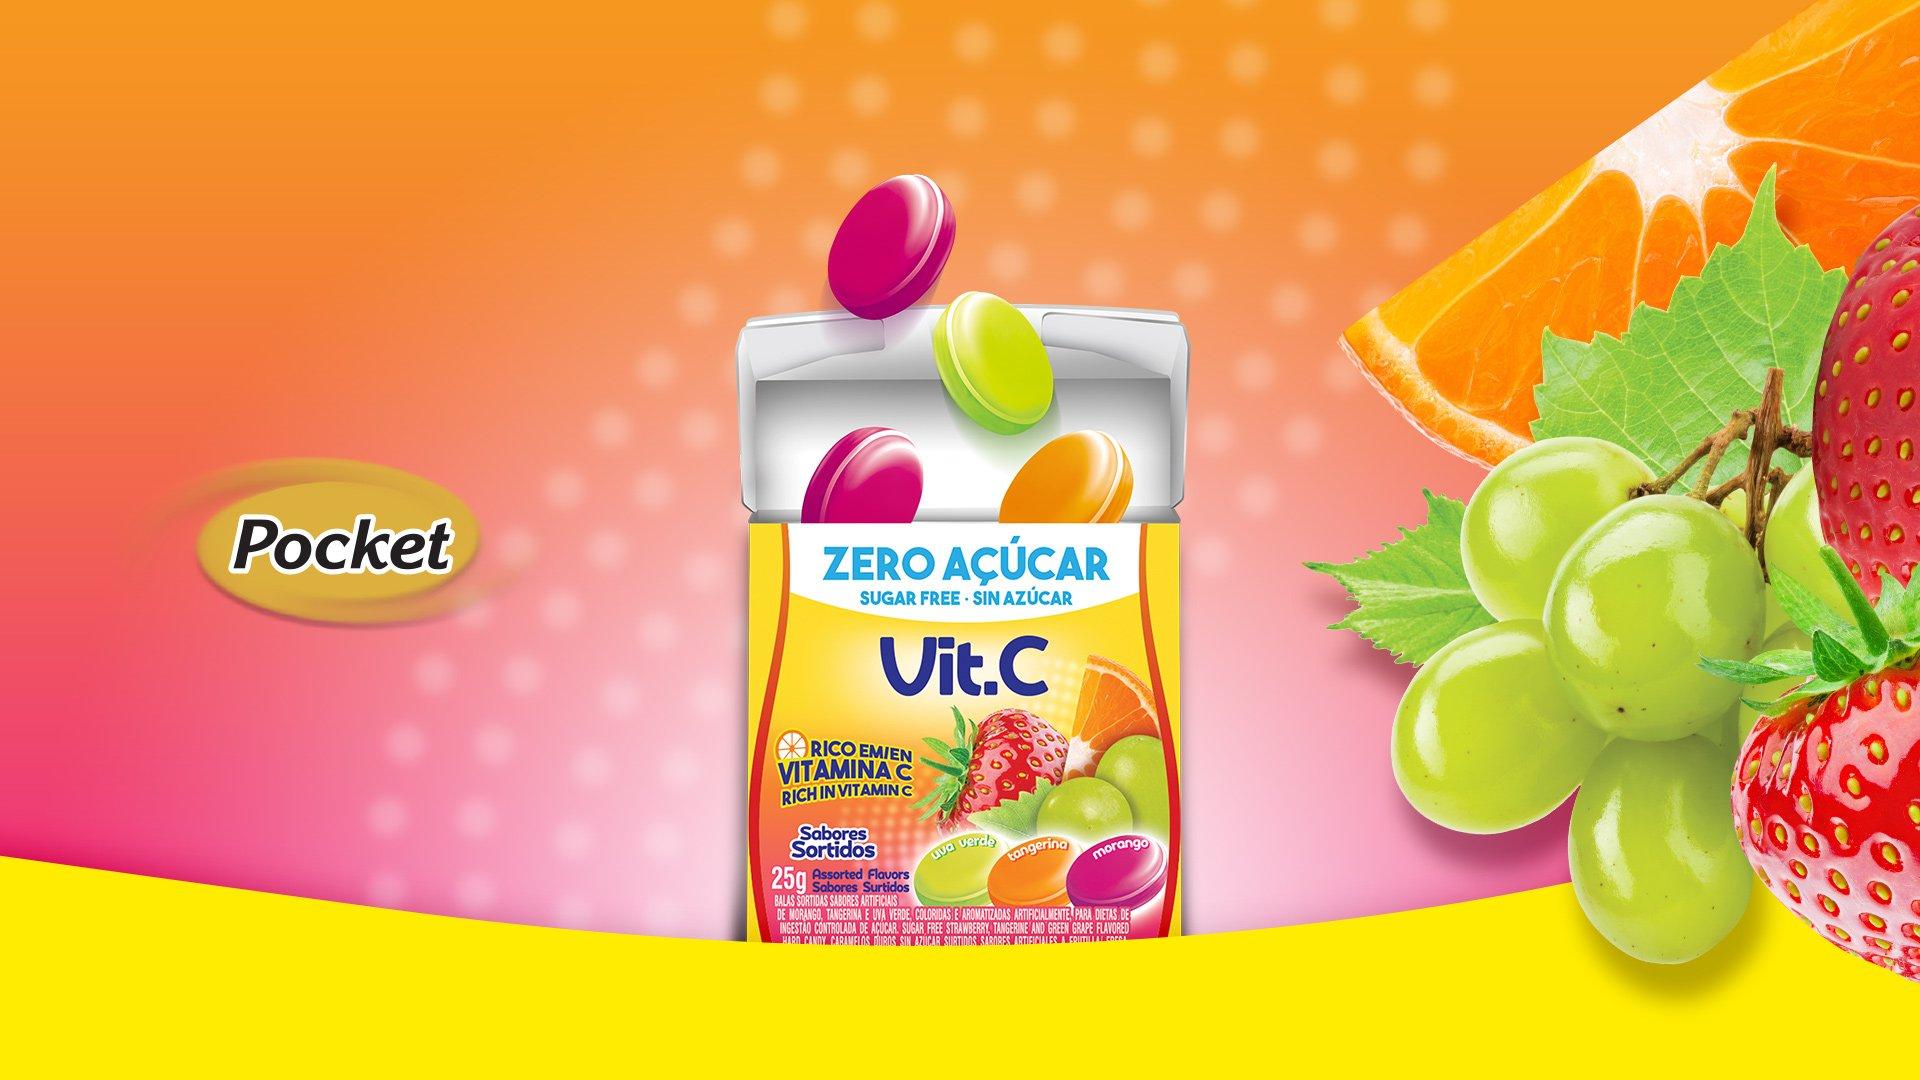 Pocket Vit C sugar free